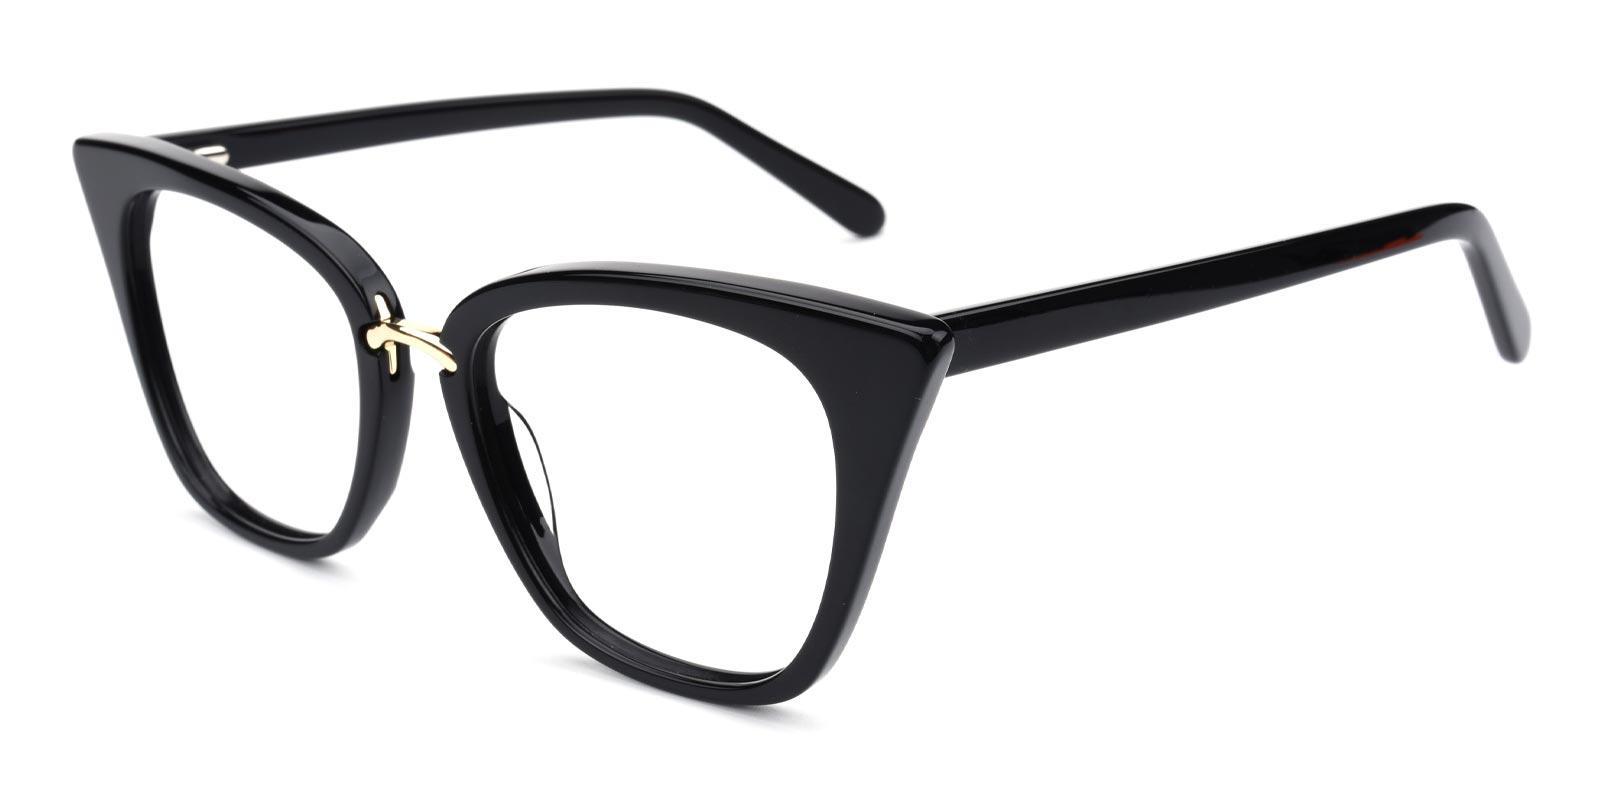 Jasmine-Black-Cat-Acetate-Eyeglasses-additional1